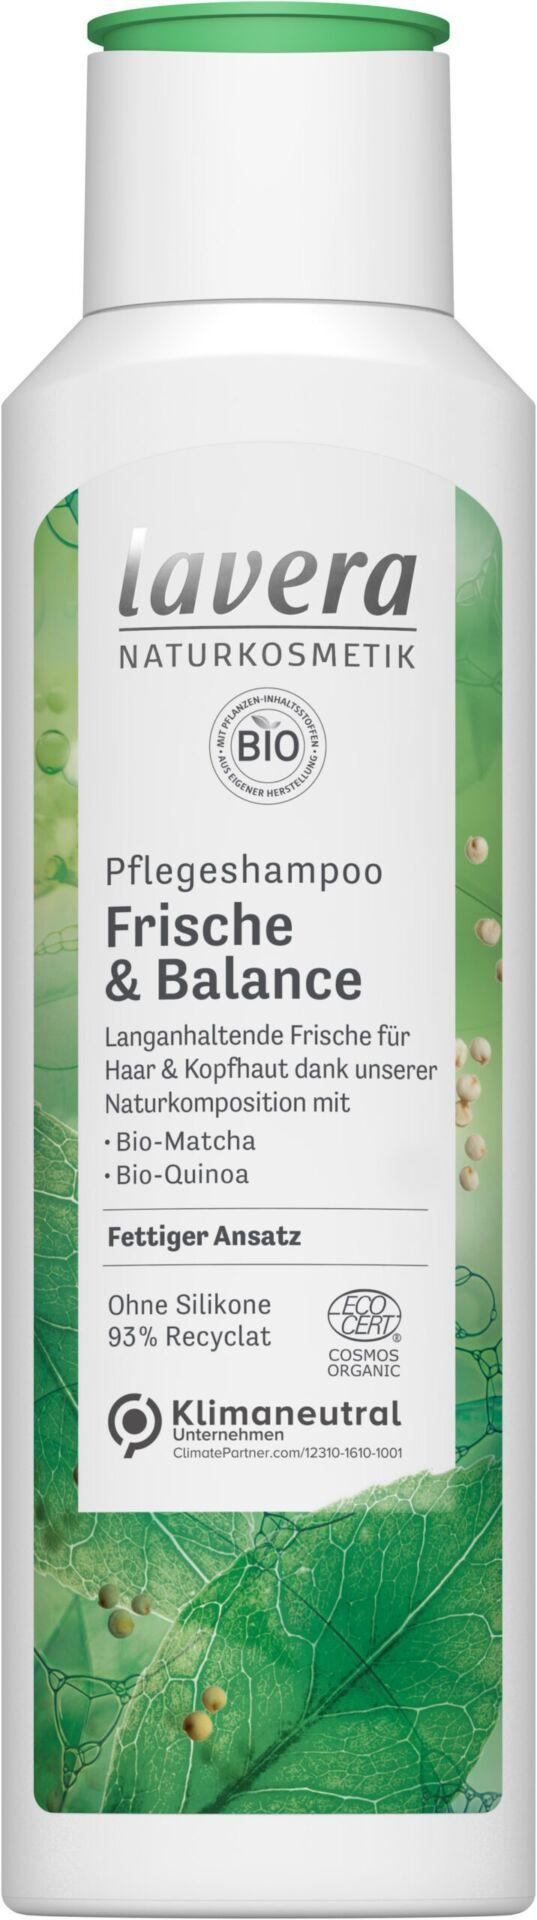 lavera Pflegeshampoo Frische & Balance 6x250ml